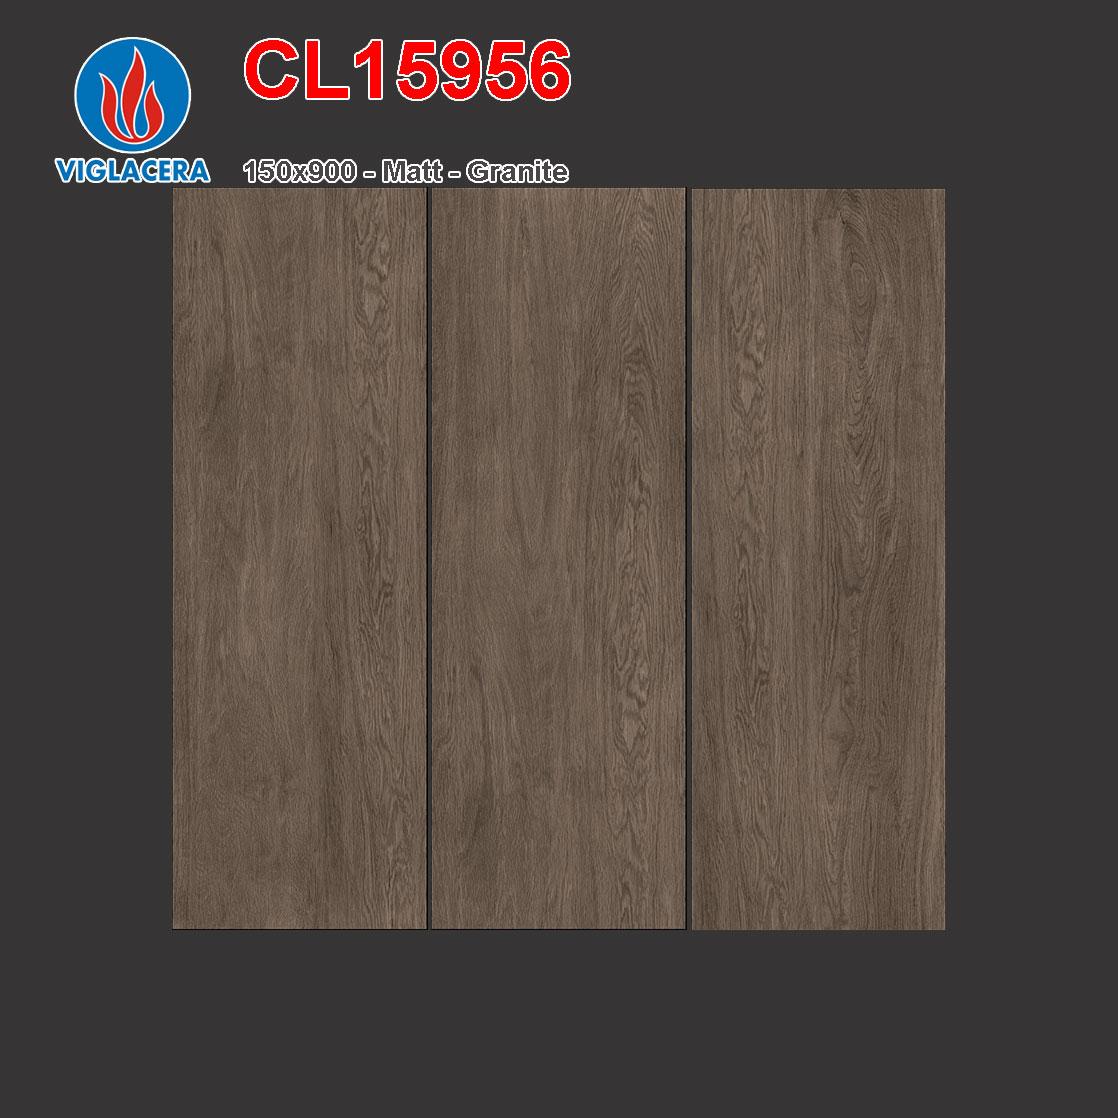 Gạch lát giả gỗ 150x900 Viglacera CL15956 giá rẻ